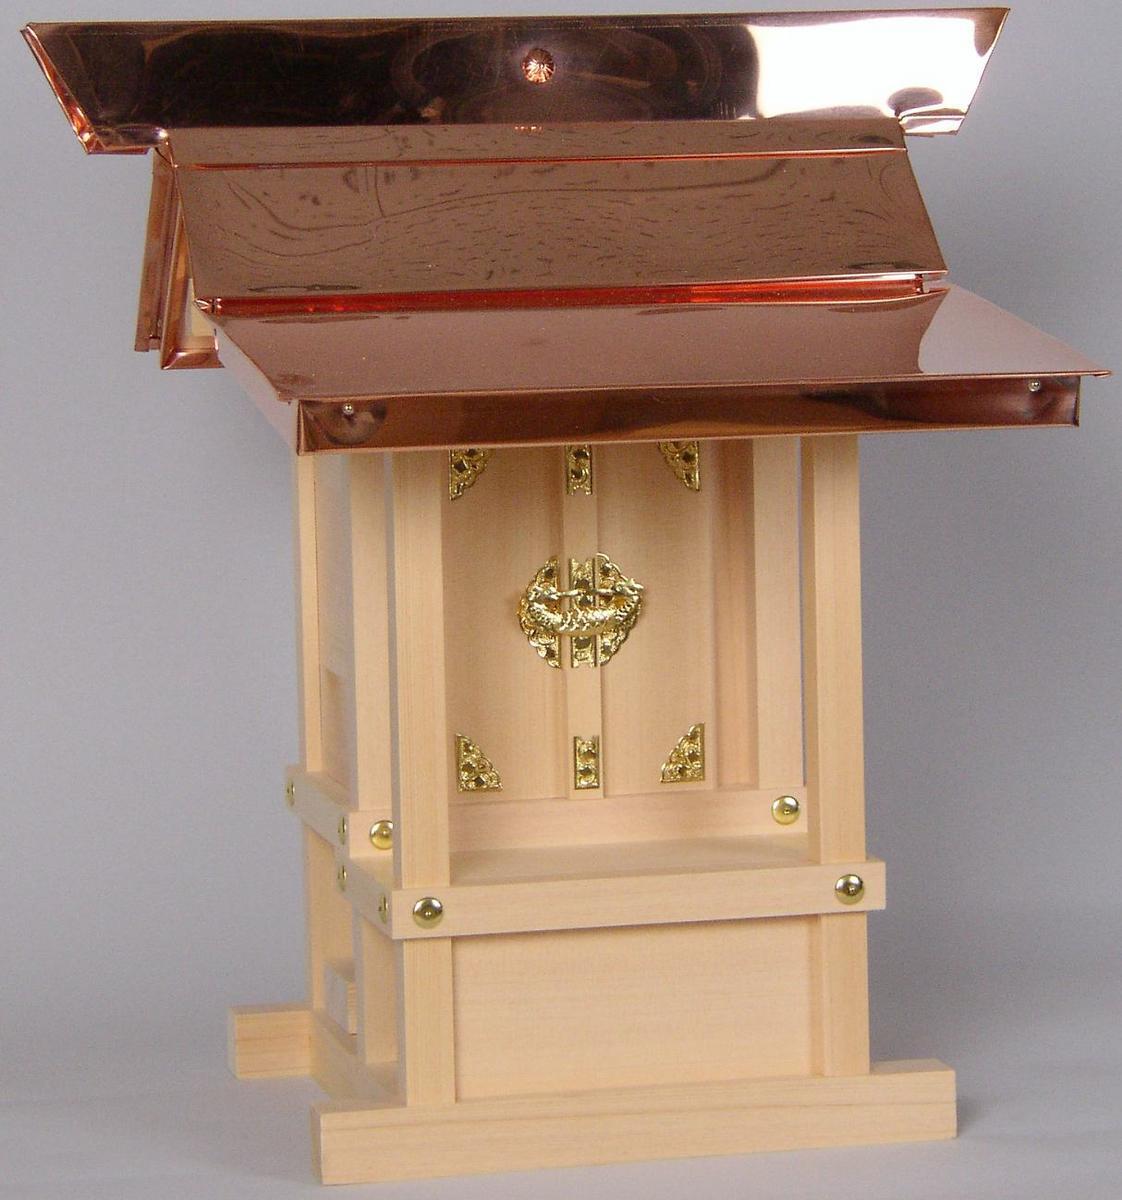 板宮7寸 外宮:仏壇 仏具 神棚のハセガワ仏壇